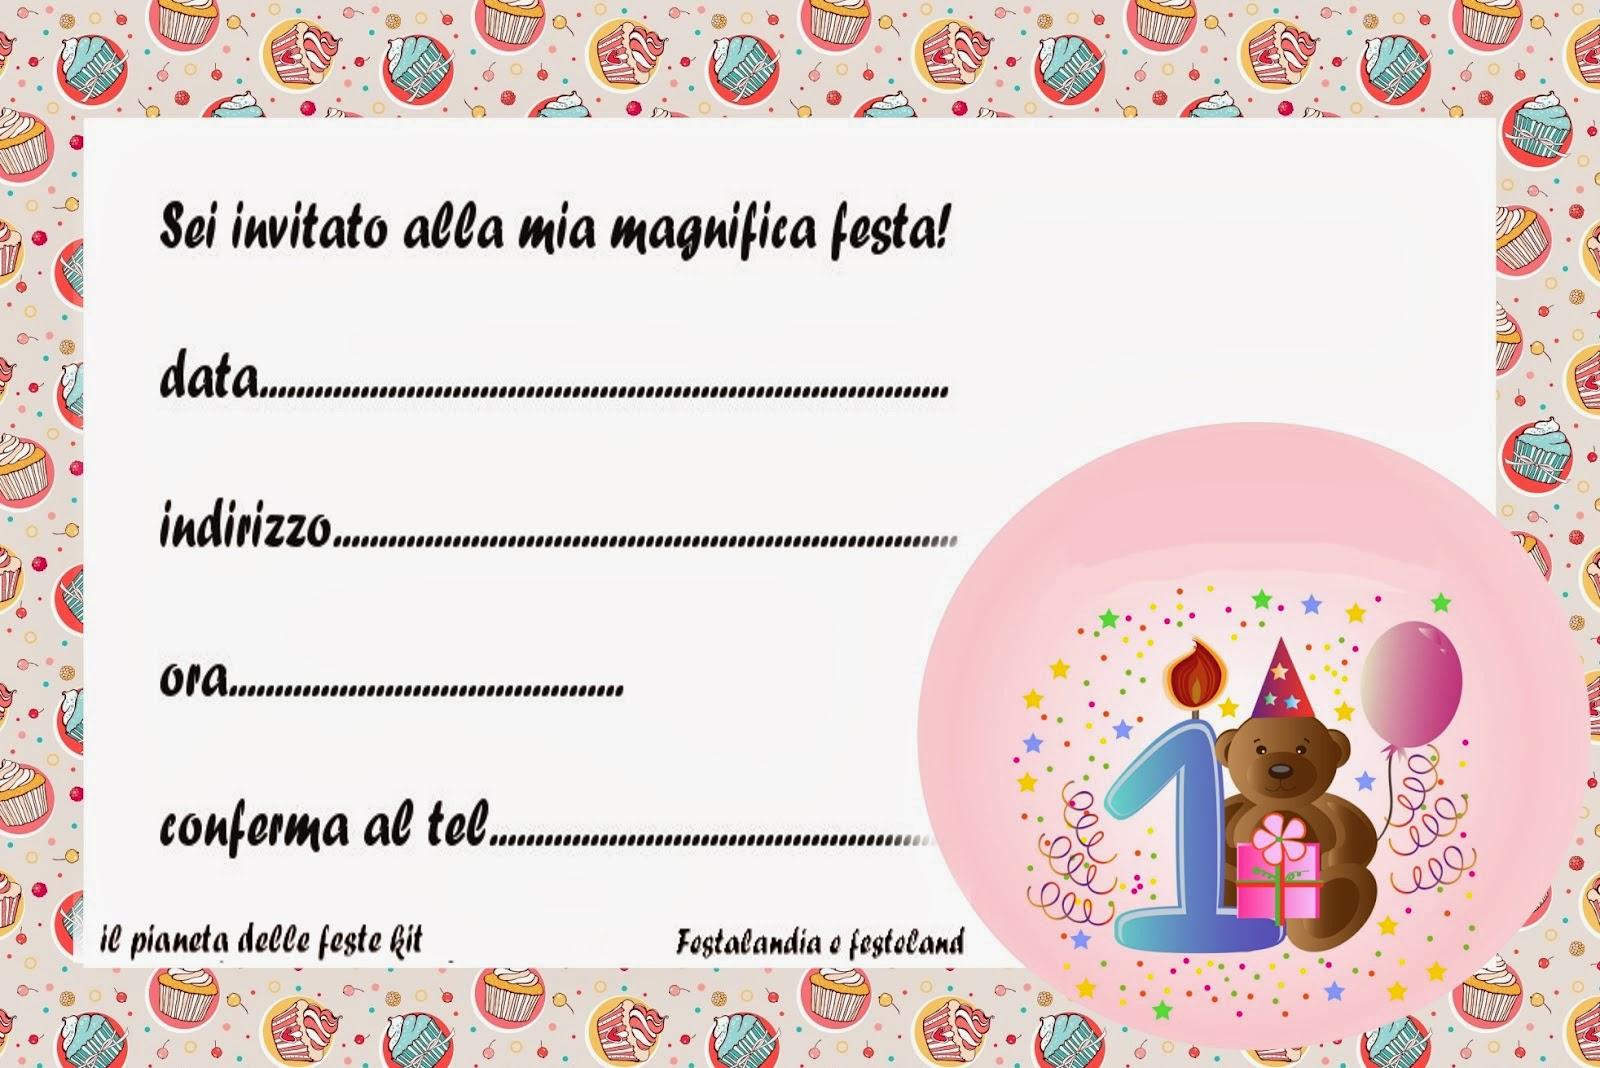 Snap Biglietti Inviti Festa Pallone Con I Colori Della Roma Pin Per Feste Di Compleanno Laurea Matrimonio Pronti Da Pelauts Quando Gli Il Stare Saranno